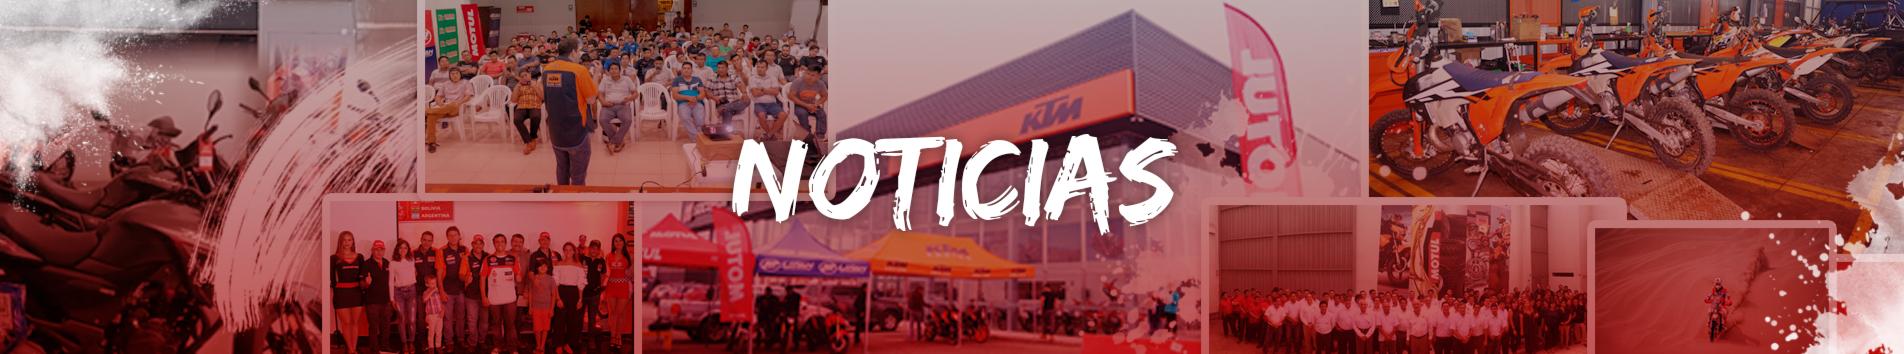 Socopur Motorsports - Noticias 1